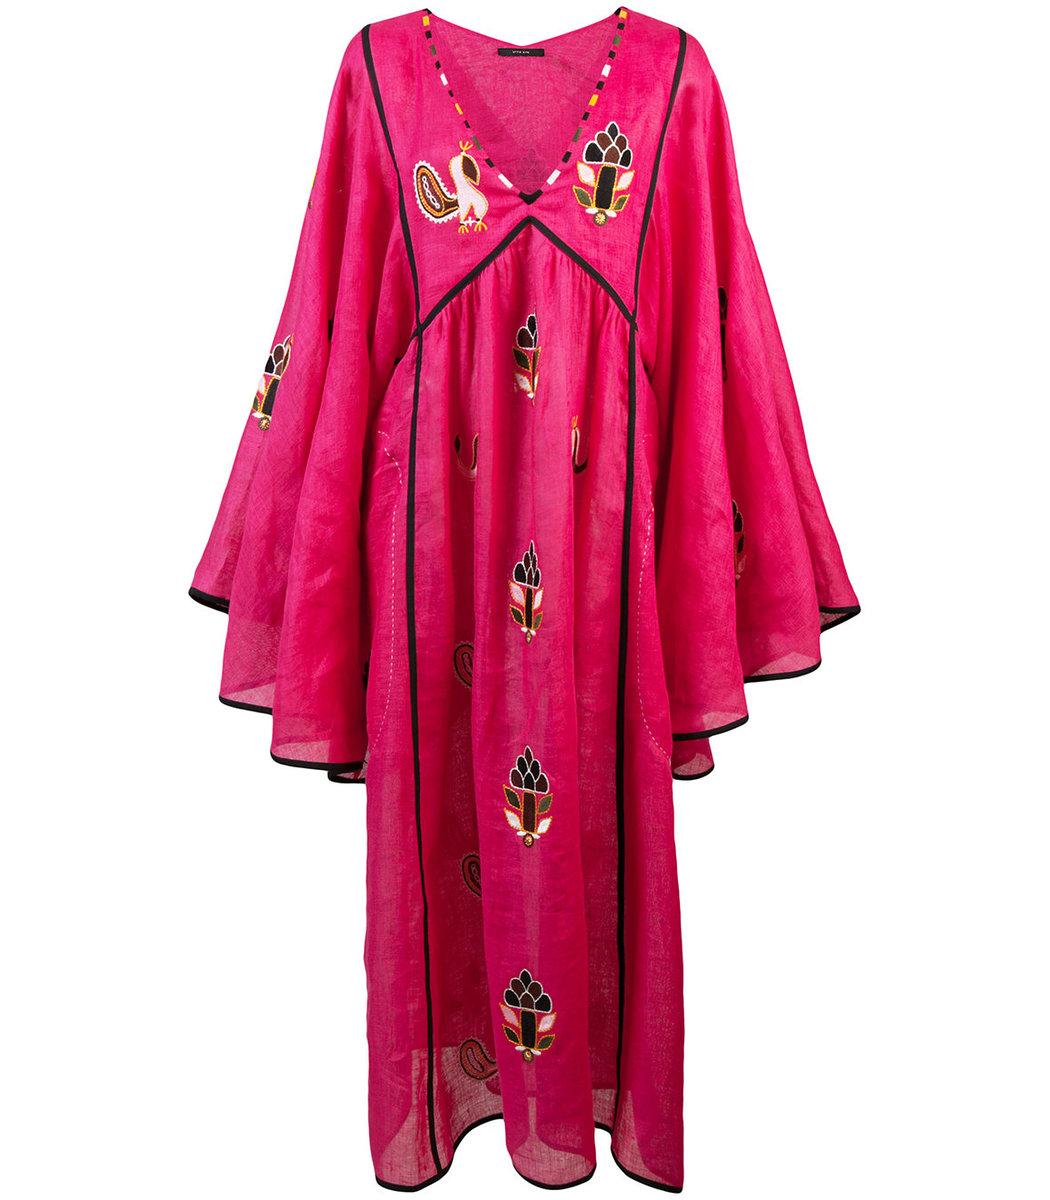 VITA KIN Pink Pineapple Midi Dress